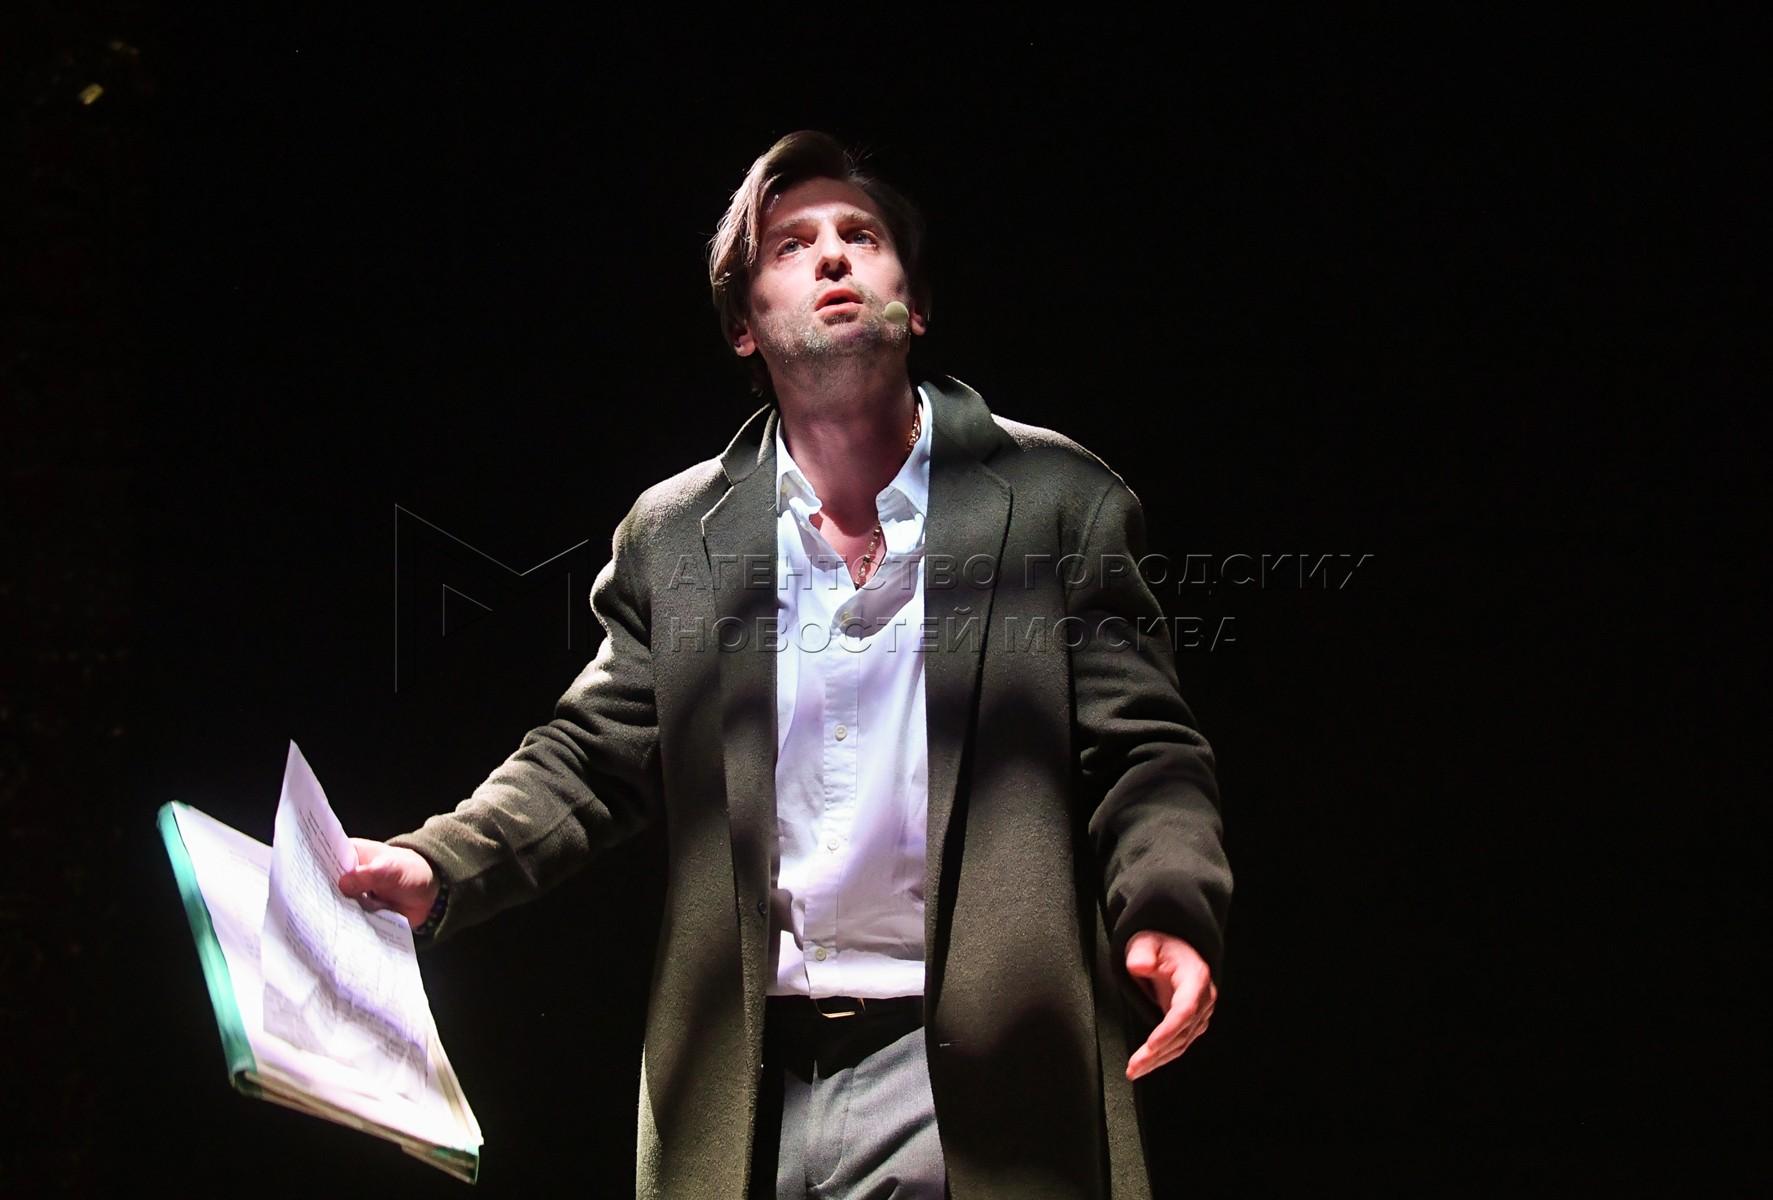 Актер Владимир Кошевой в сцене из спектакля «Высокая вода венецианцев» в московском театре «Школа современной пьесы».